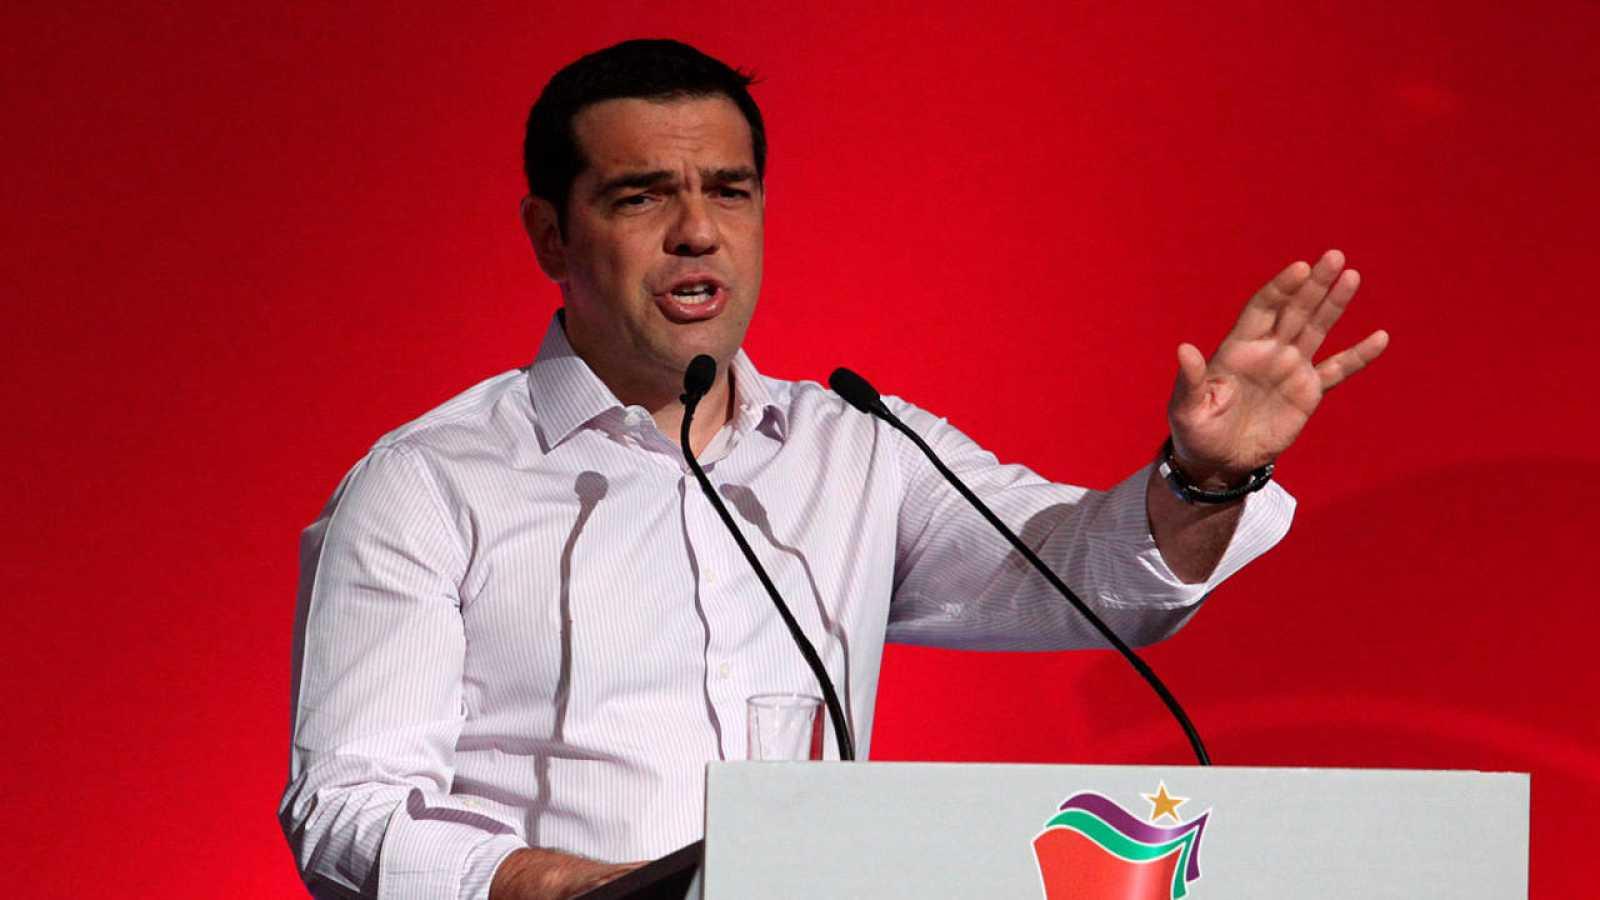 Syriza celebrará un congreso extraordinario en septiembre a propuesta de Tsipras